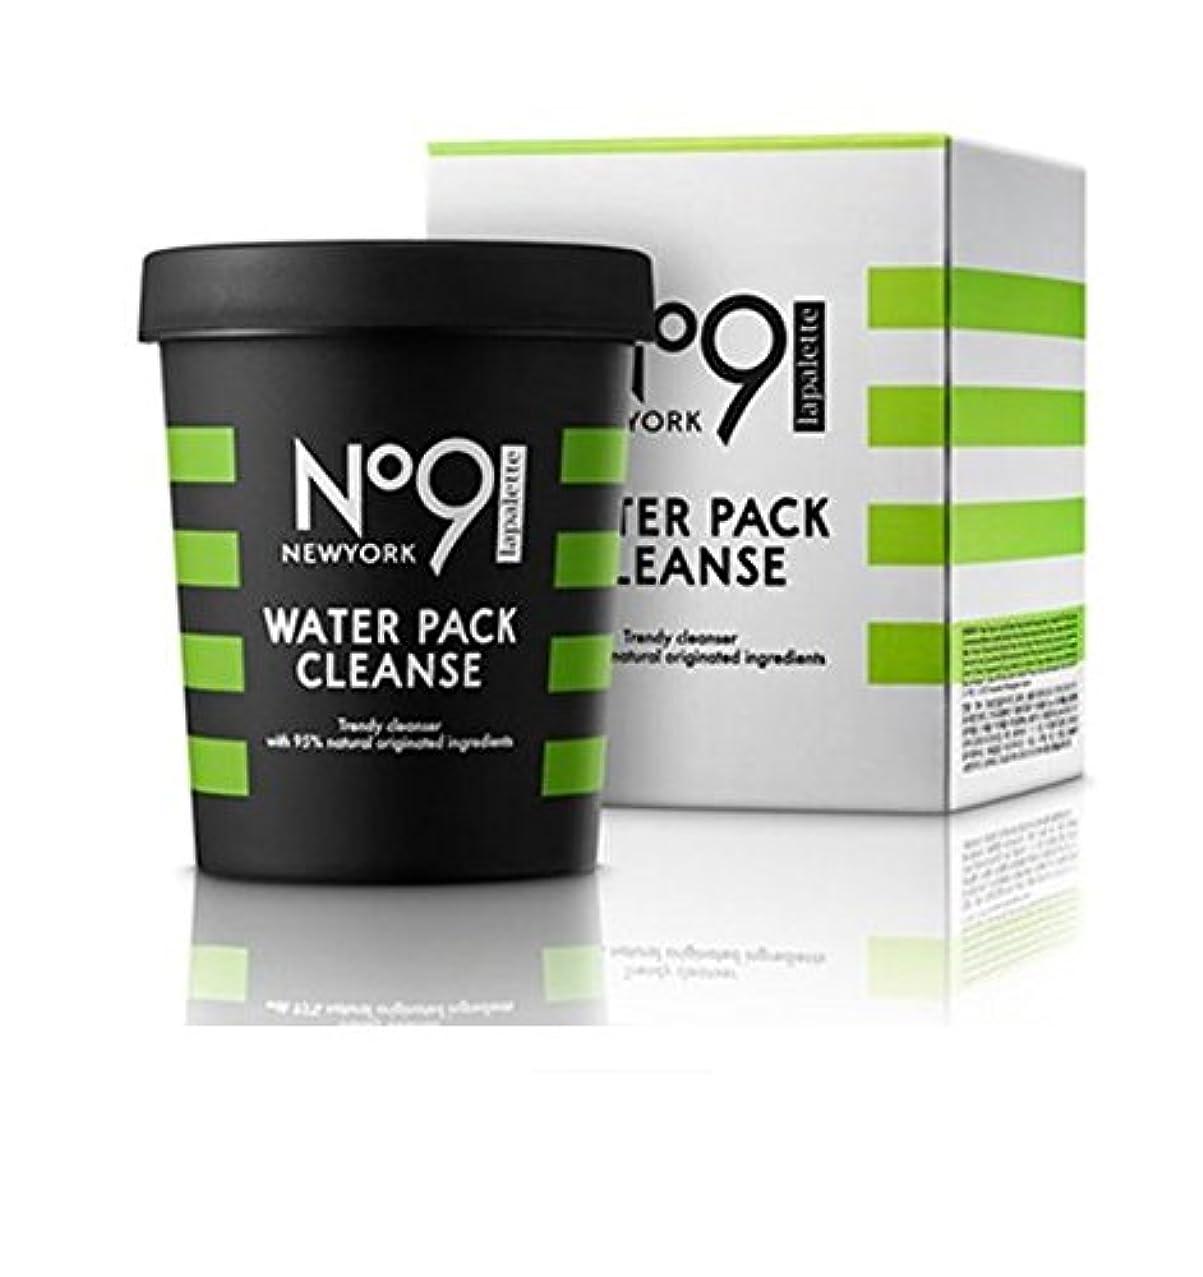 存在ポンド水銀のlapalette (ラ パレット) No.9 ウォーター パッククレンザー/No.9 Water Pack Cleanse (250g) (ゼリーゼリーケール(Jelly Jelly Kale)) [並行輸入品]